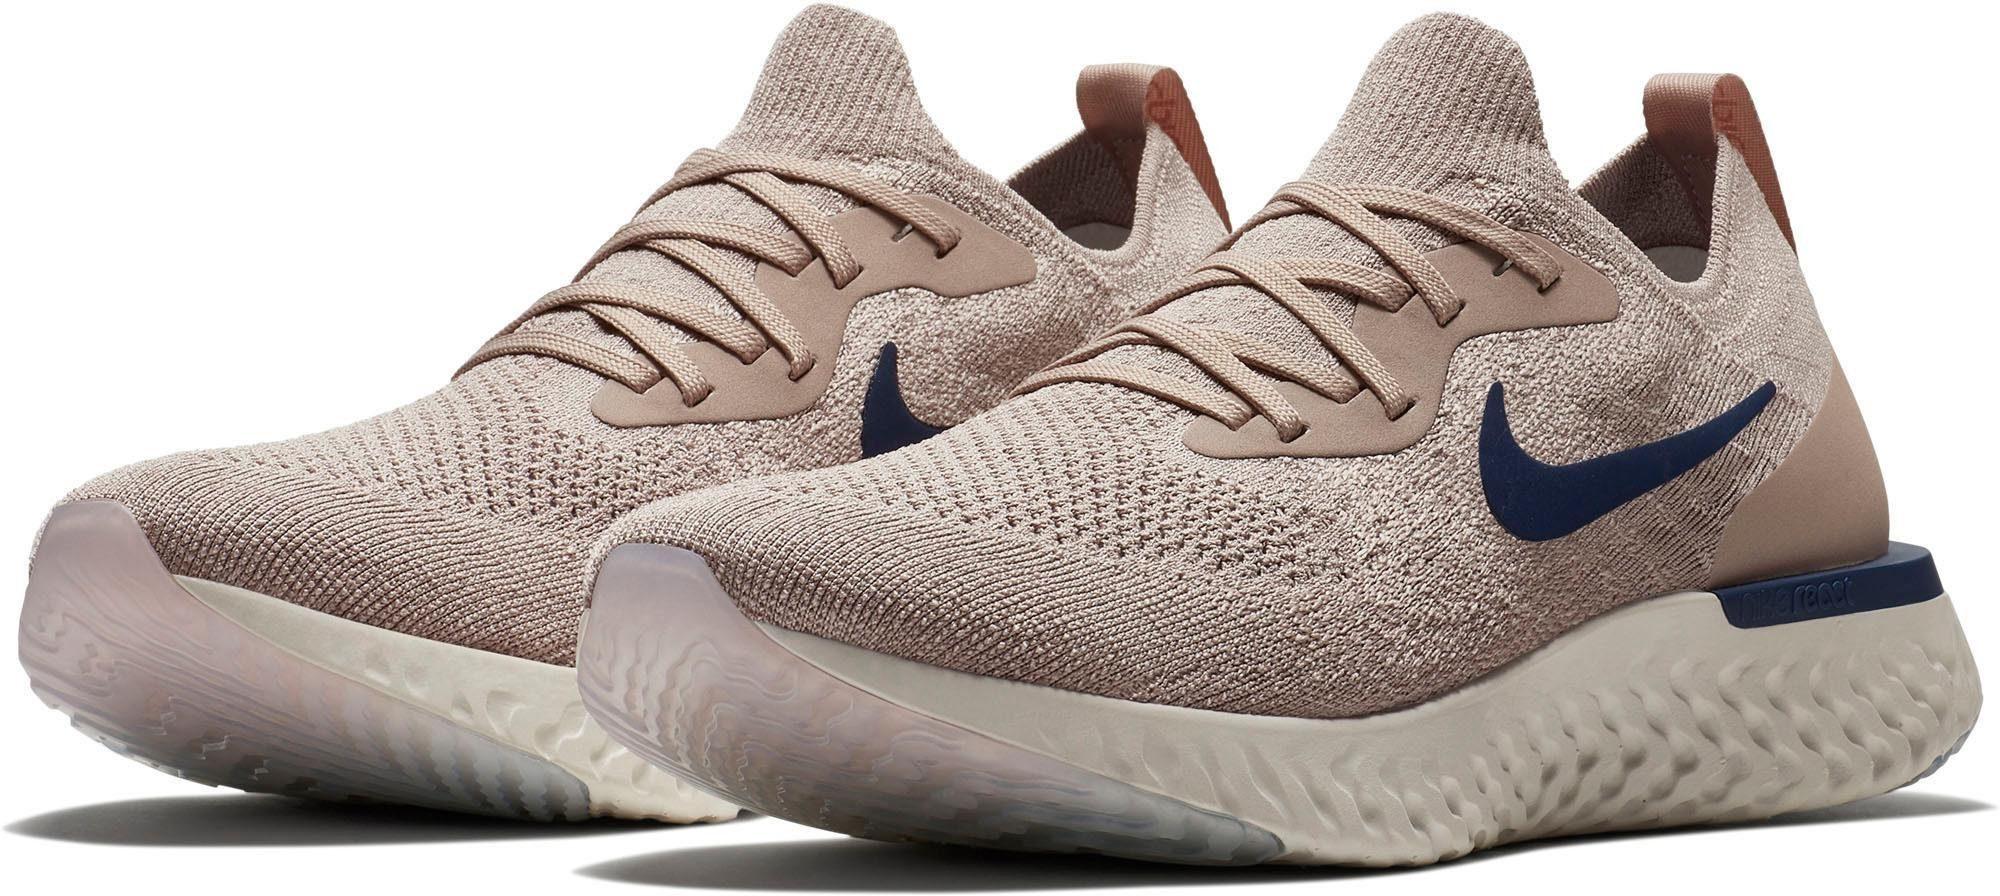 Nike »Epic React Flyknit« Laufschuh, Weich. Reaktiv. Leicht. Der neue Laufschuh von Nike online kaufen | OTTO